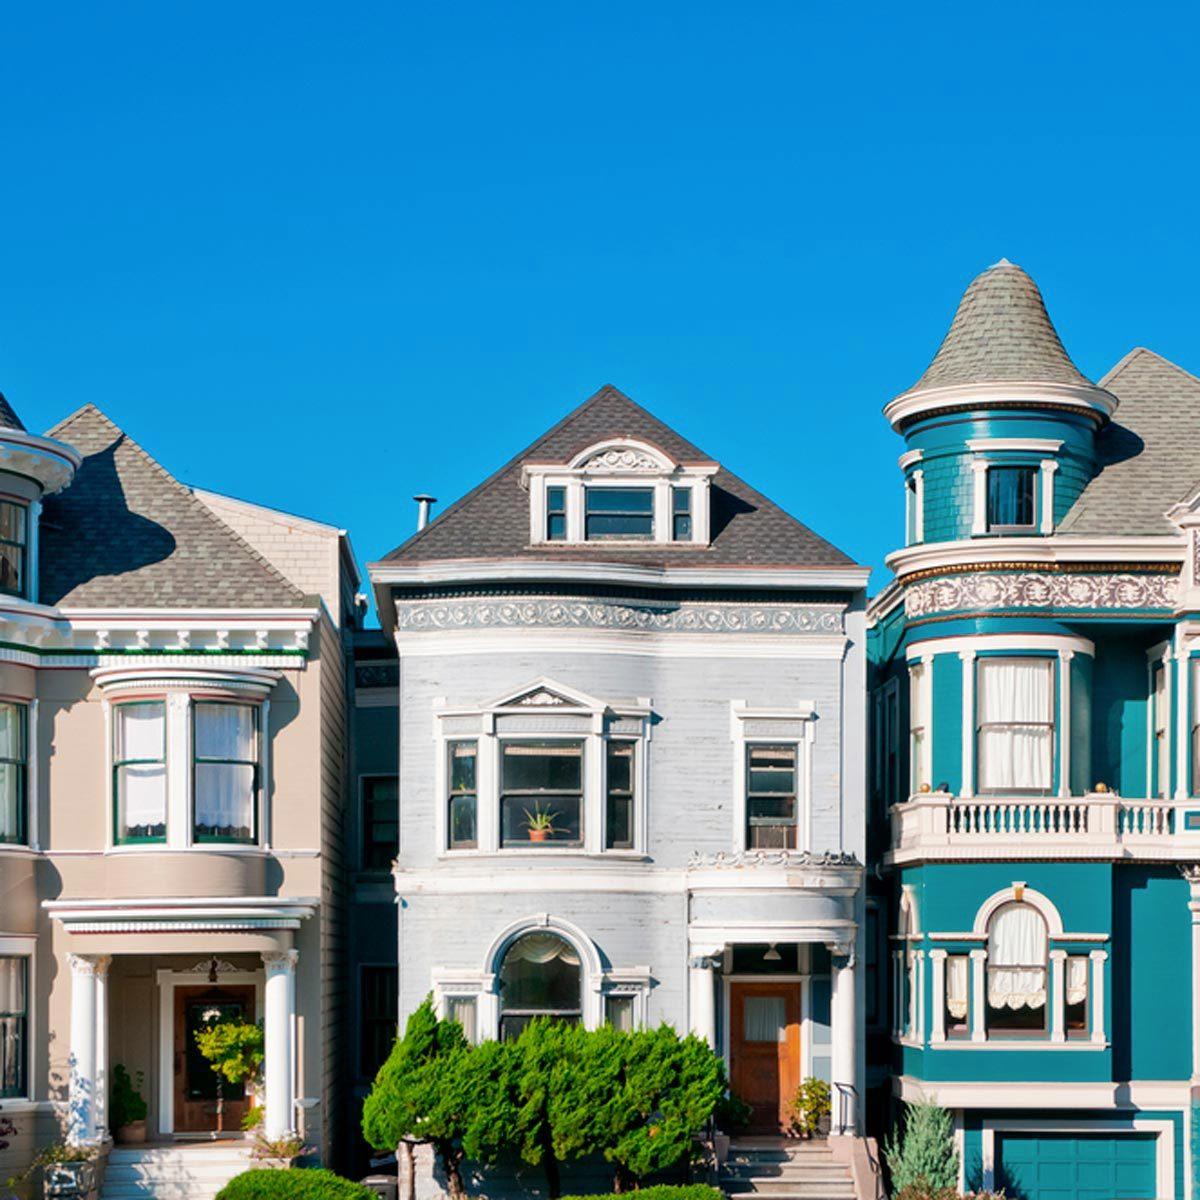 Location Airbnb : un homme loue la maison dont il a la garde sur Airbnb.